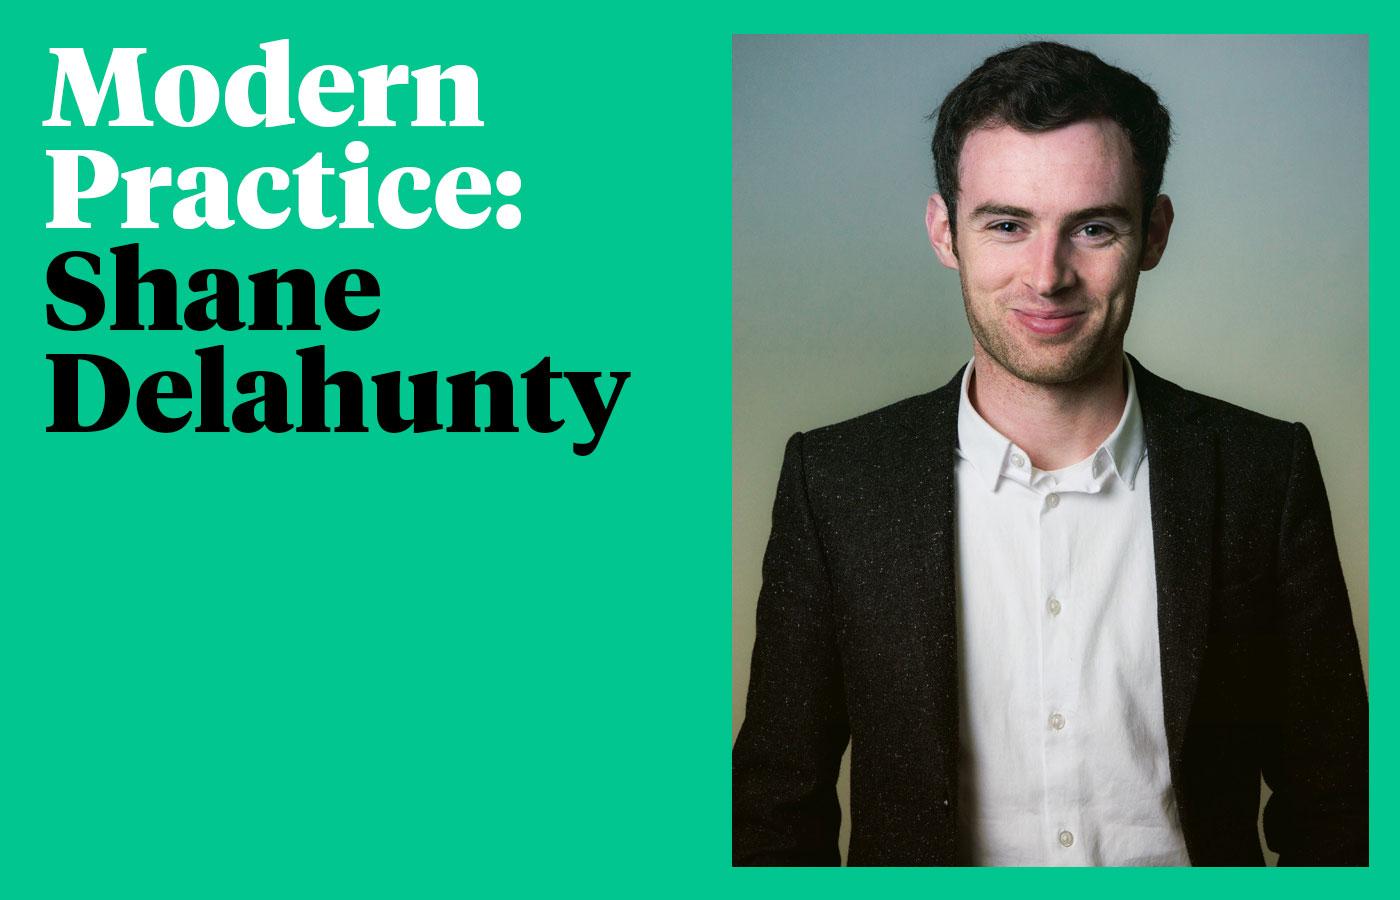 Cover image: Modern Practice - Shane Delahunty